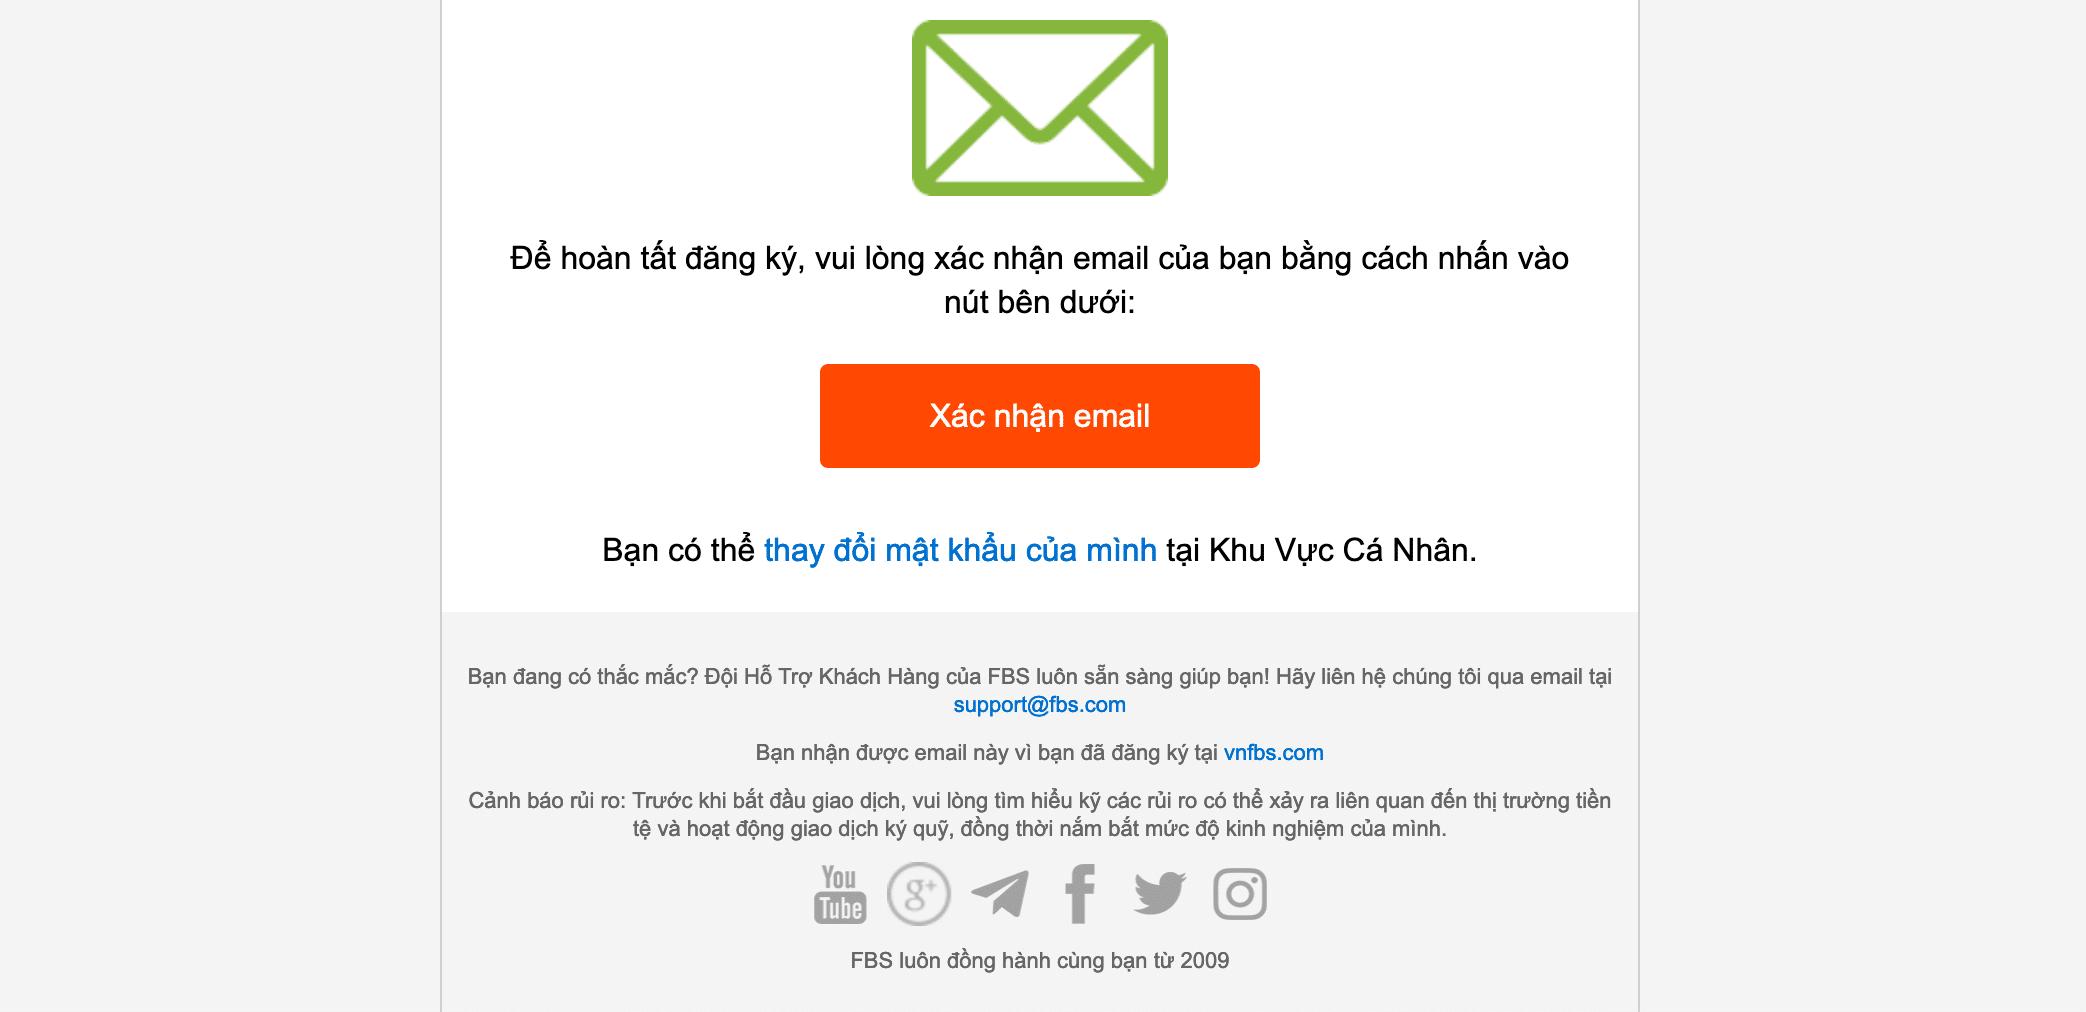 Xác nhận email đăng ký - trong email có password tài khoản FBS bạn vừa tạo